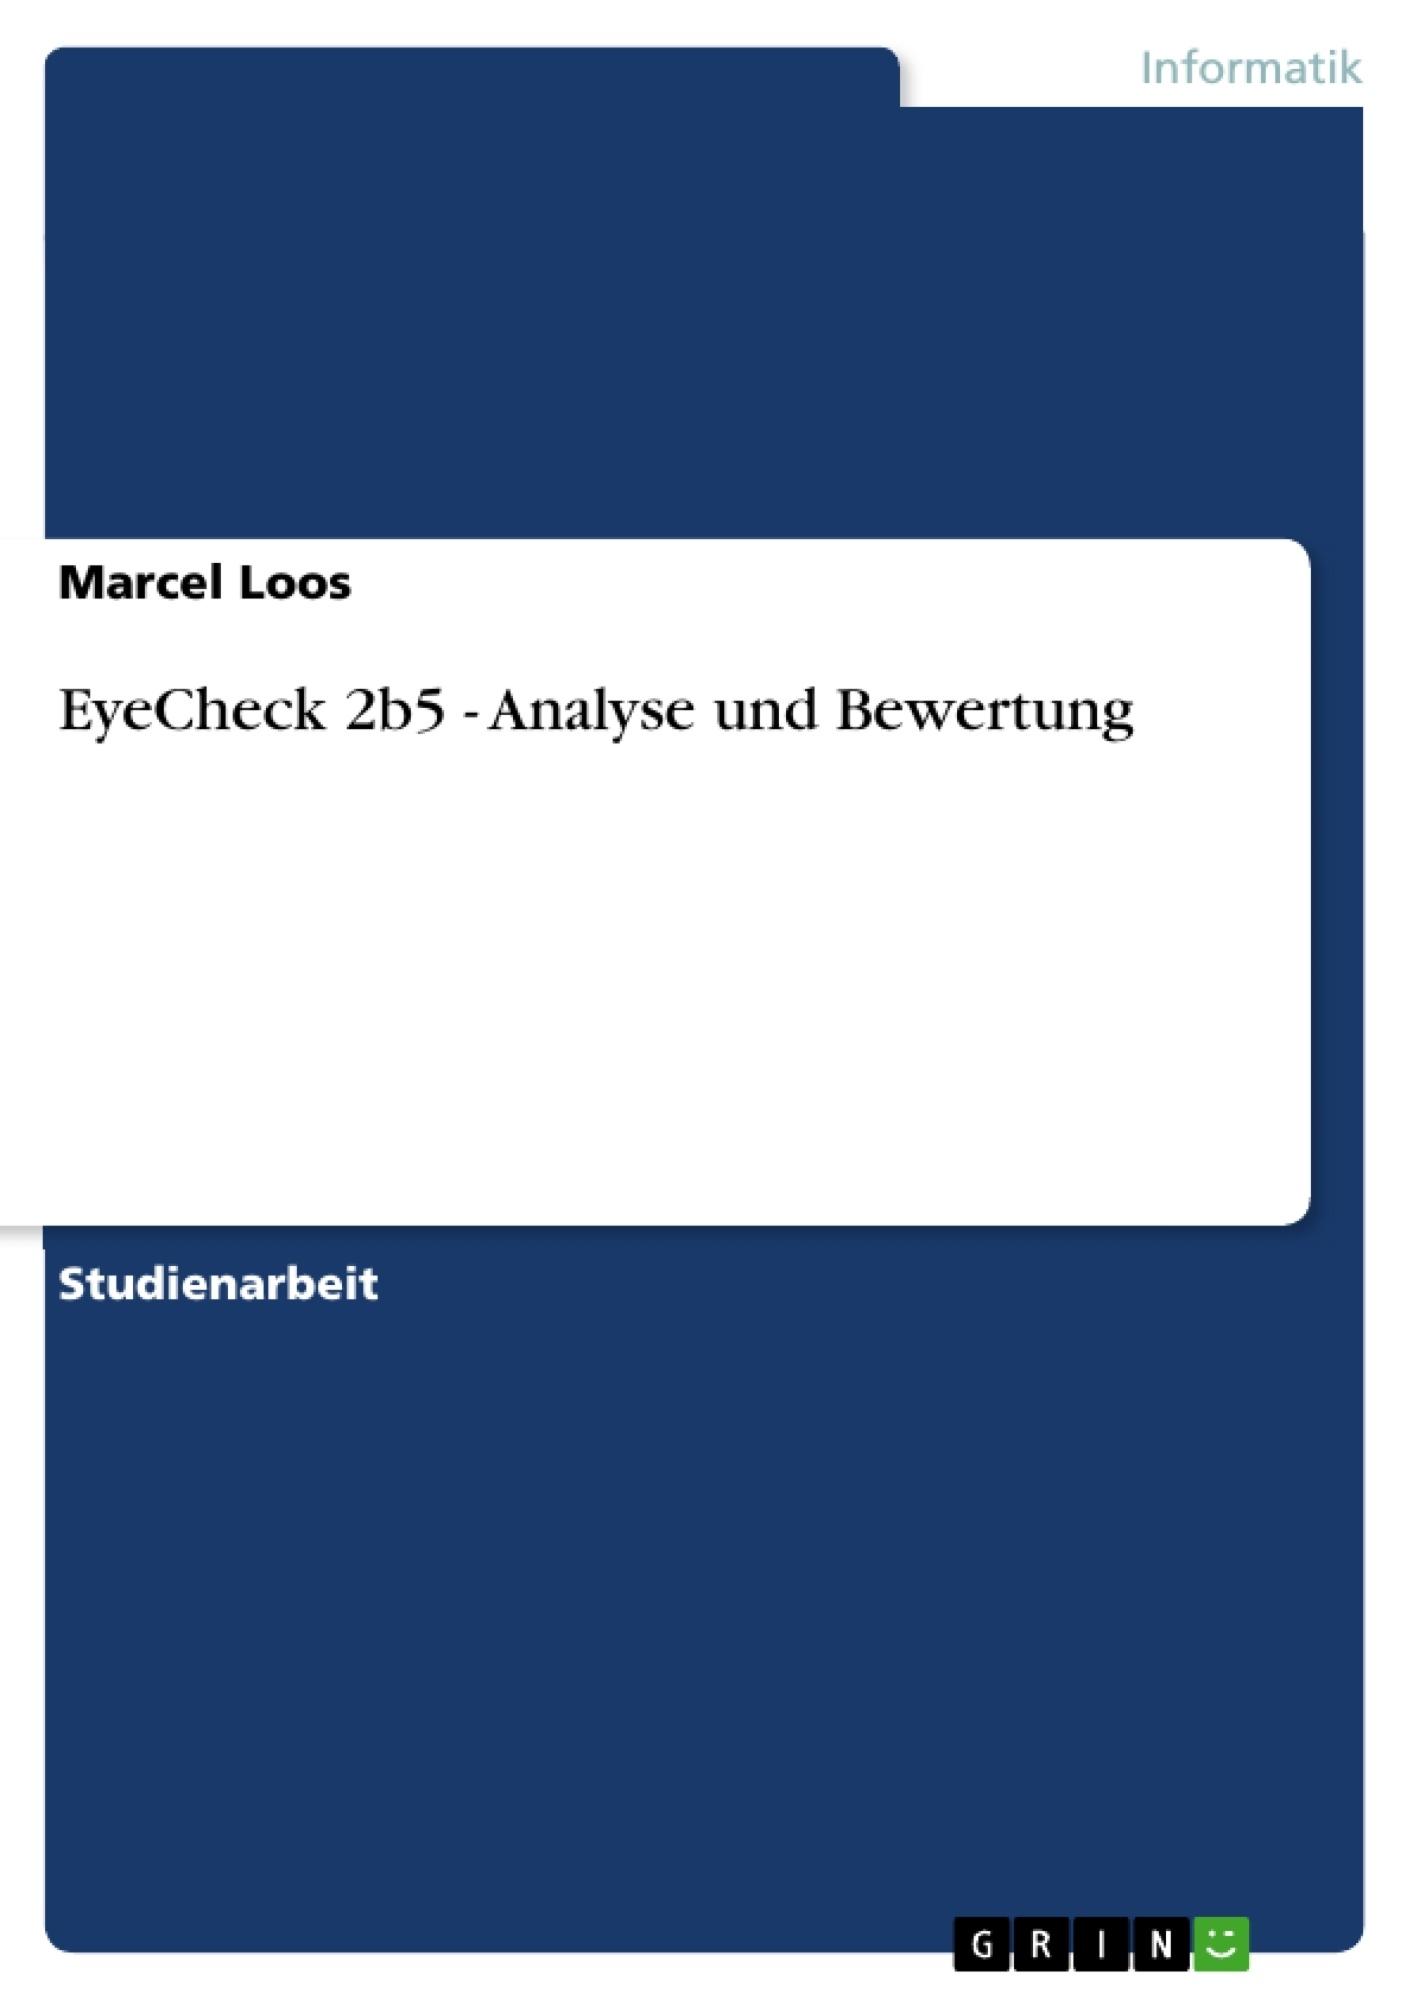 Titel: EyeCheck  2b5 - Analyse und Bewertung